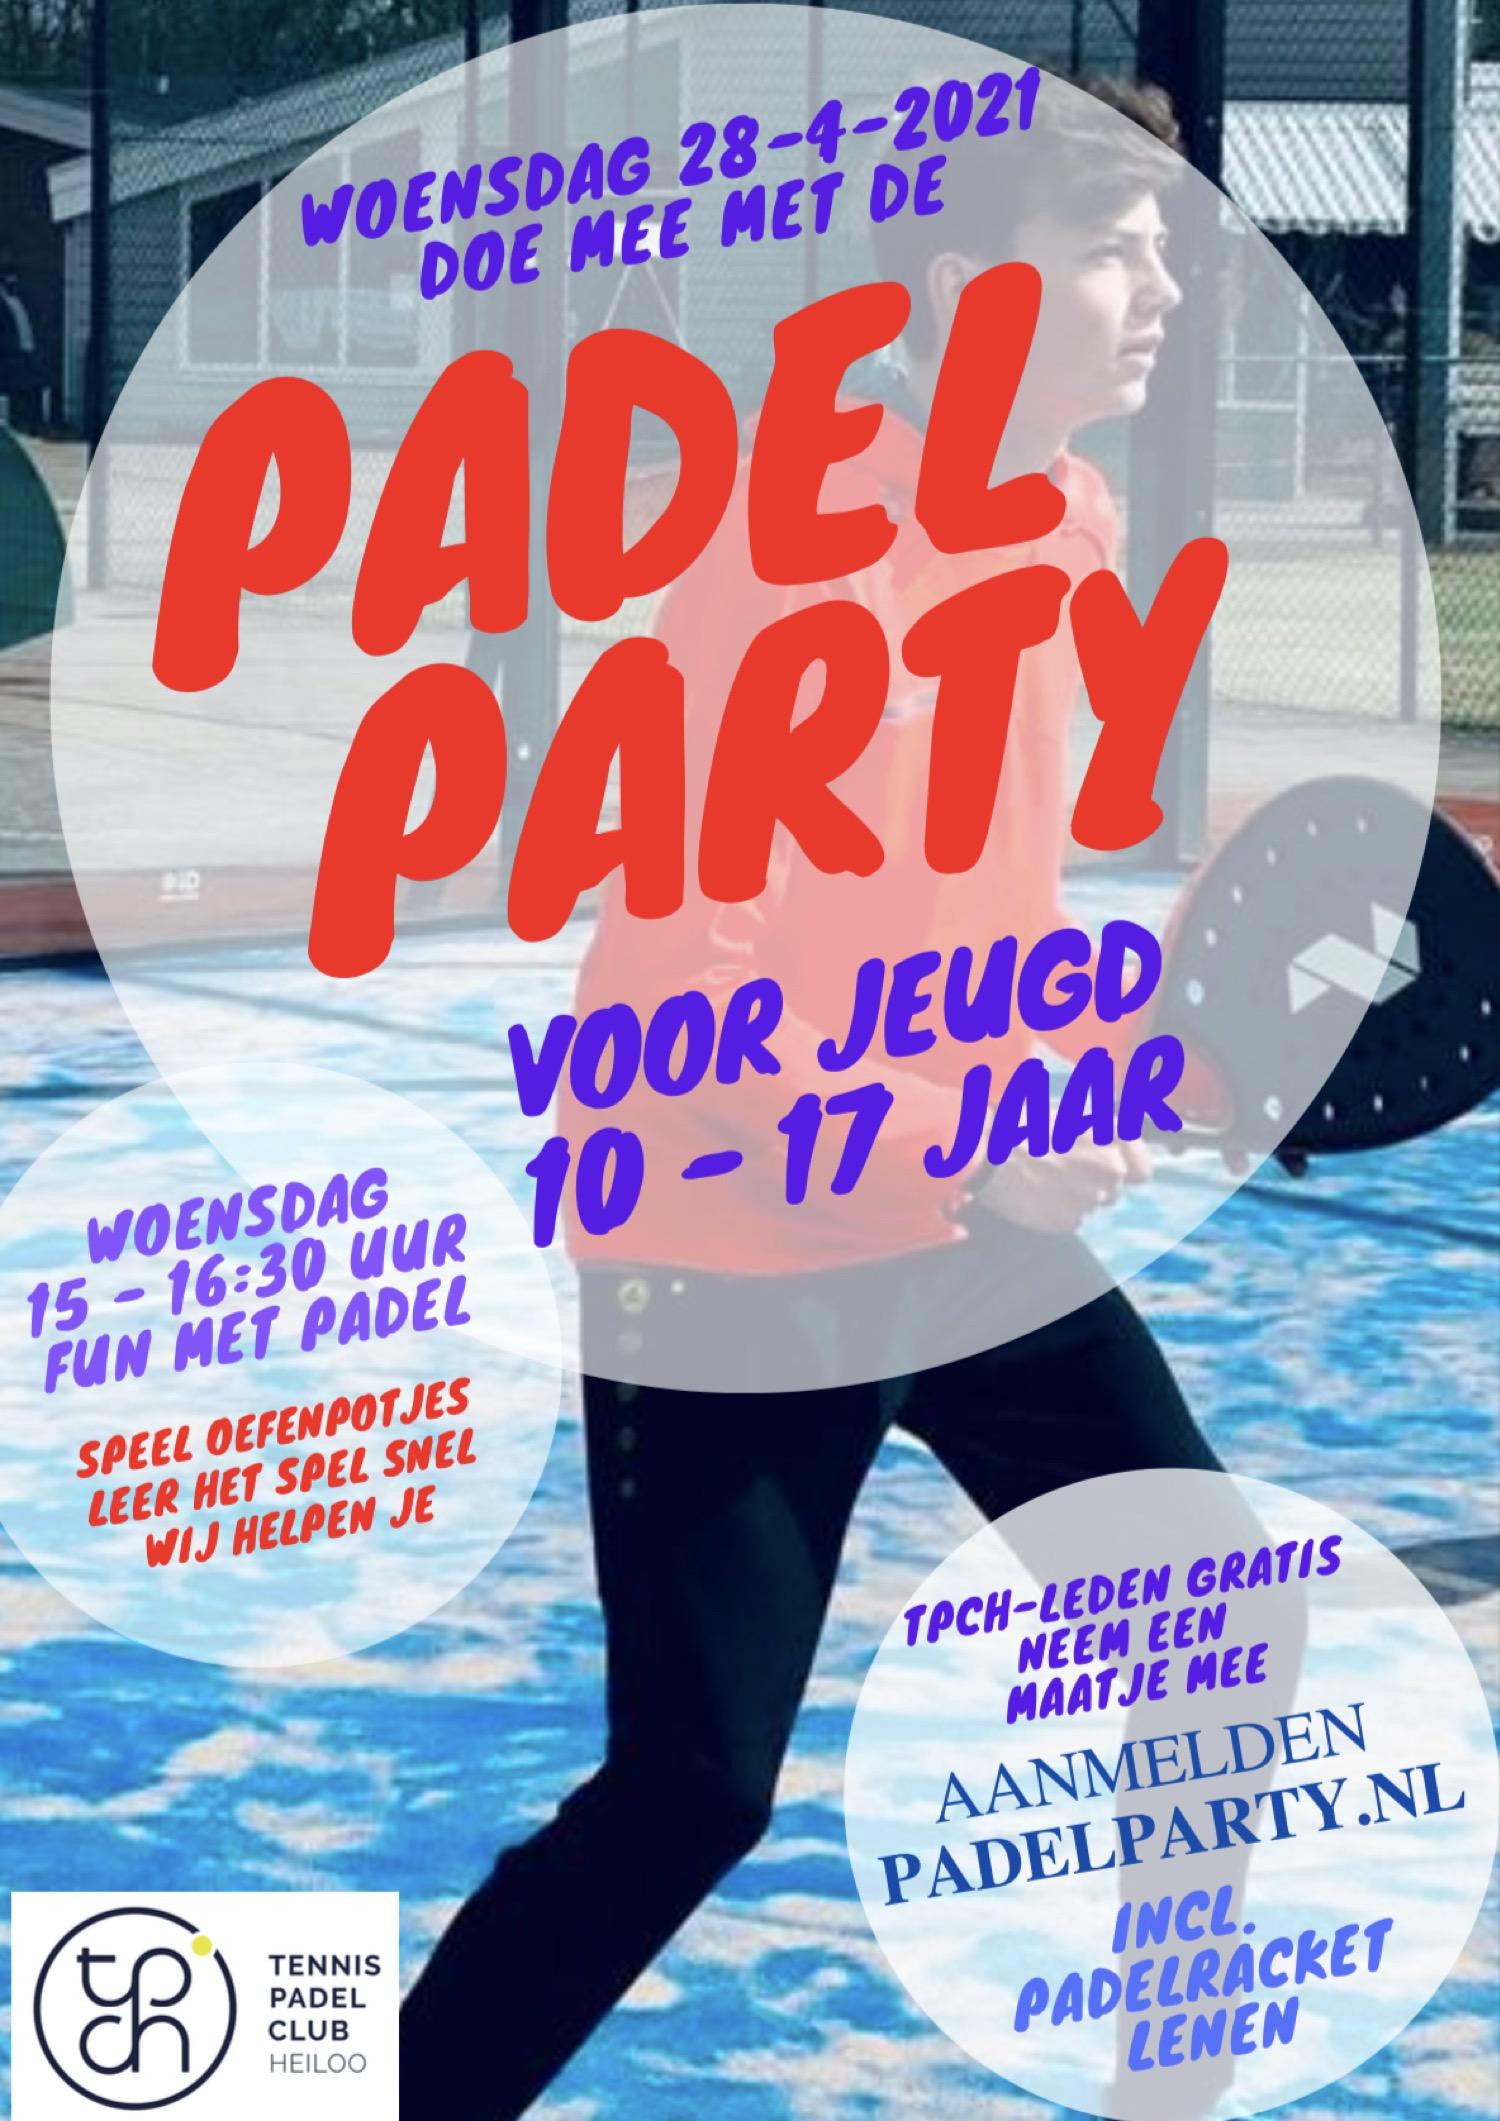 Flyer Padel Party Jeugd 28 april 2021